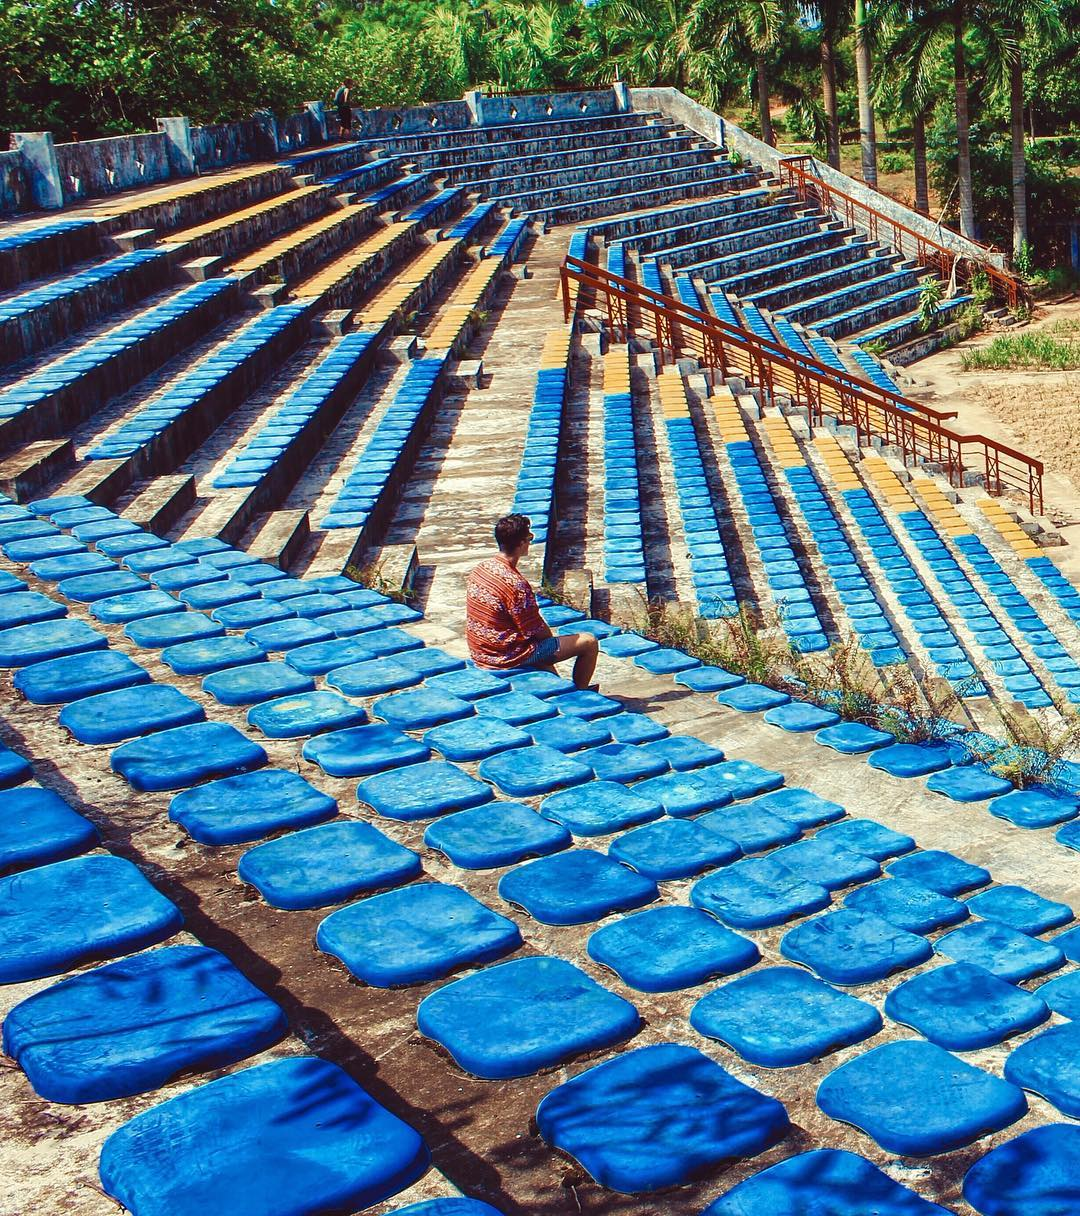 5 công trình bị bỏ hoang tại Việt Nam, muốn có những bức ảnh kì bí hết cả hồn thì nhất định phải đến! - Ảnh 29.